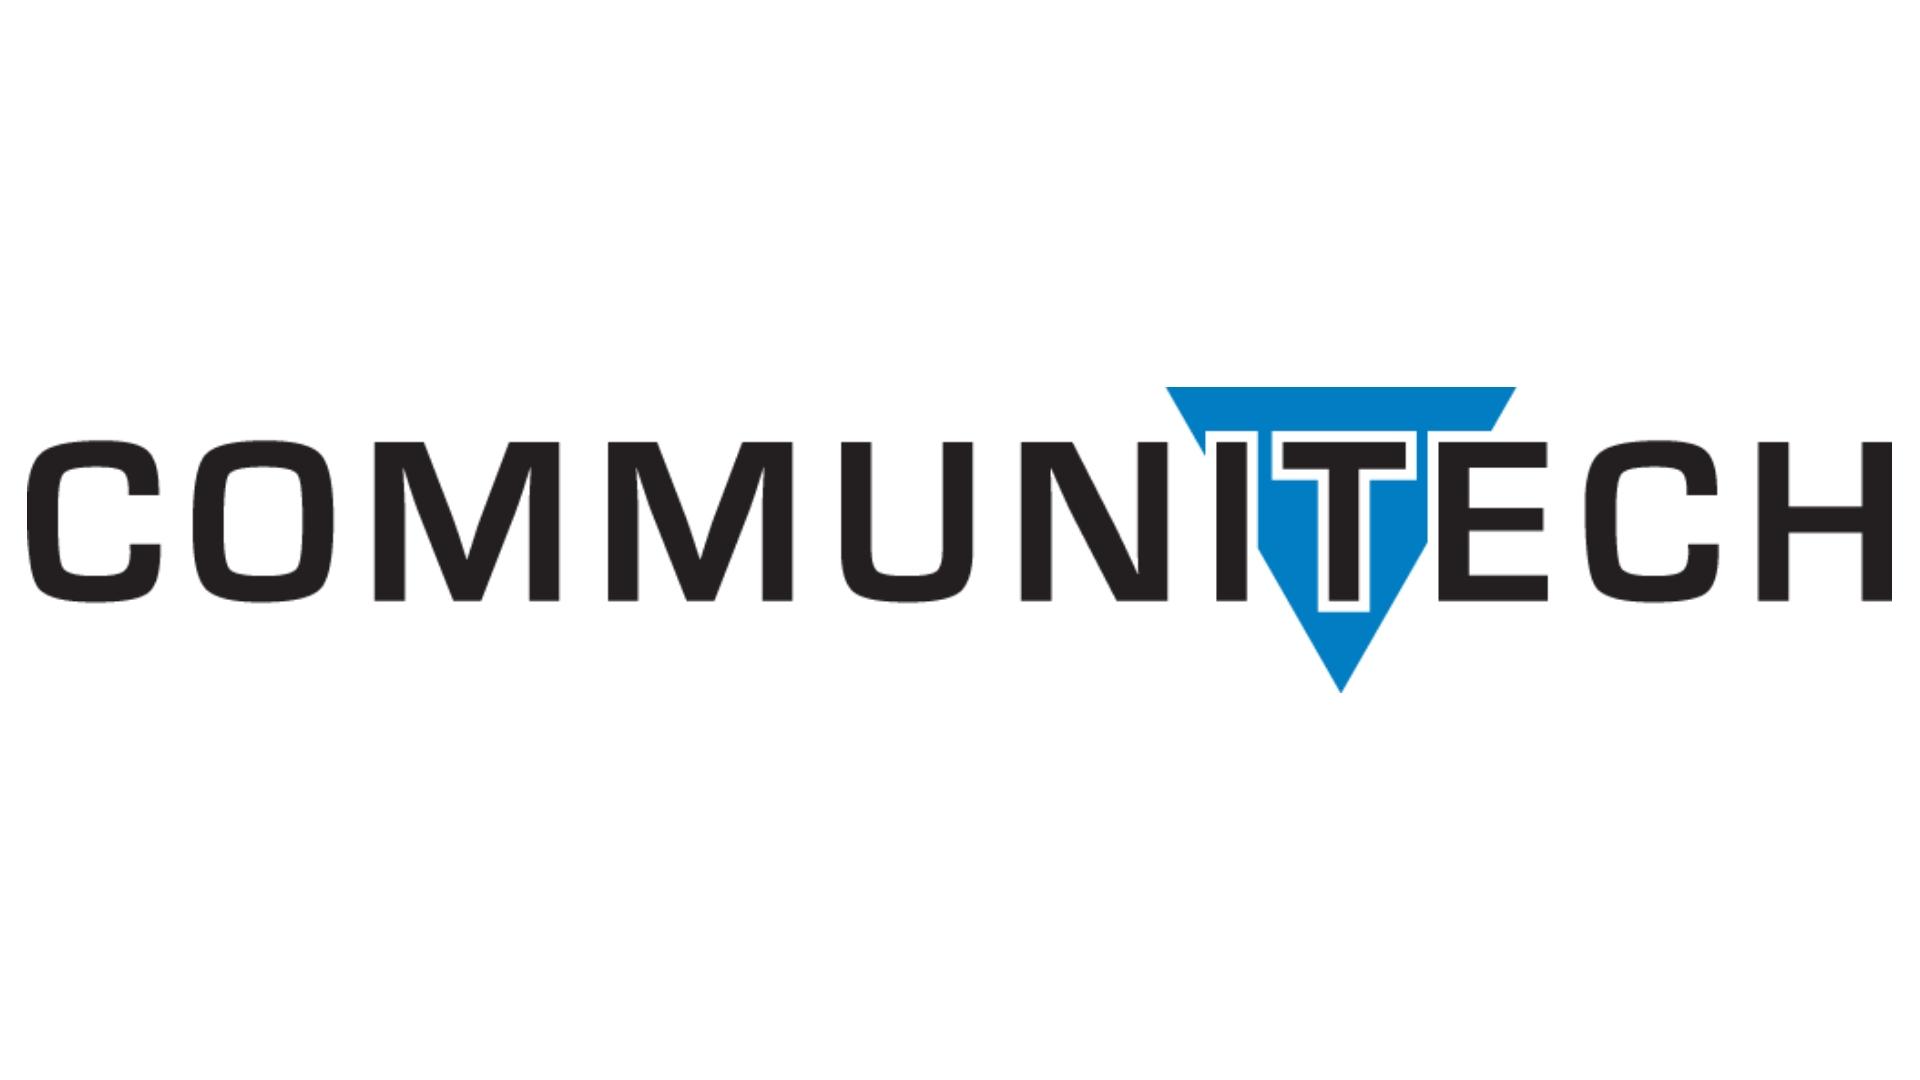 communitech partner.jpg